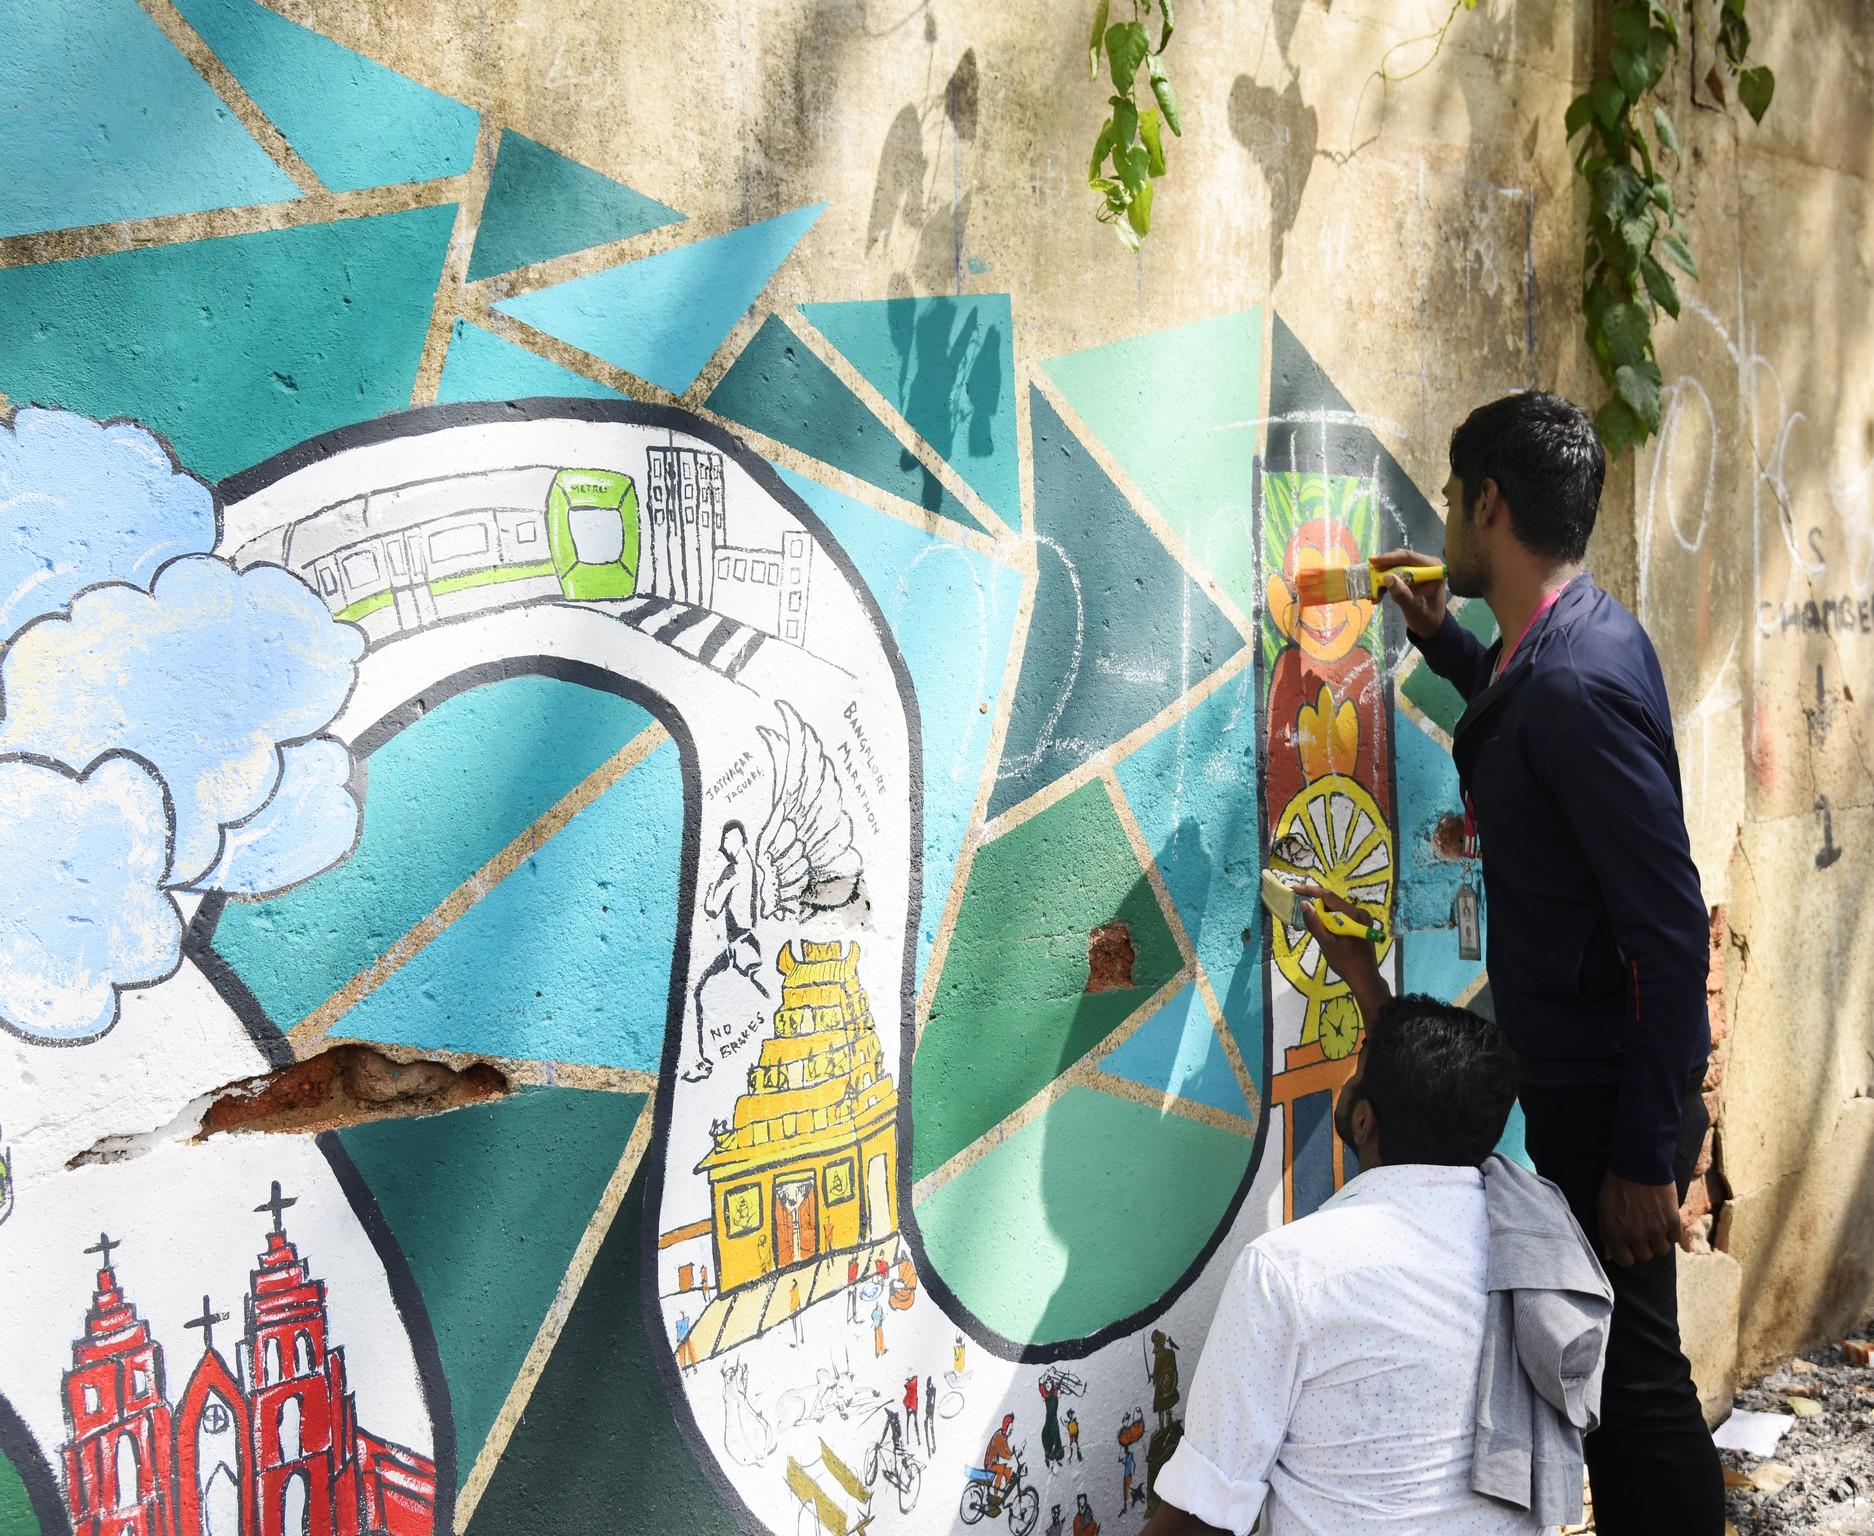 Namma Bengaluru – Wall art by students of JD Institute namma bengaluru - Namma Bengaluru 5 - Namma Bengaluru – Wall art by students of JD Institute